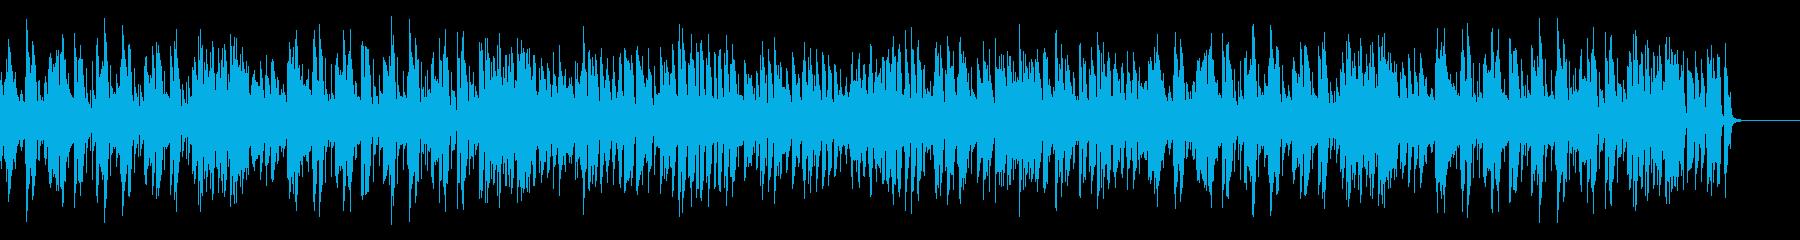 お洒落でノリのいい王道ジャズピアノの再生済みの波形